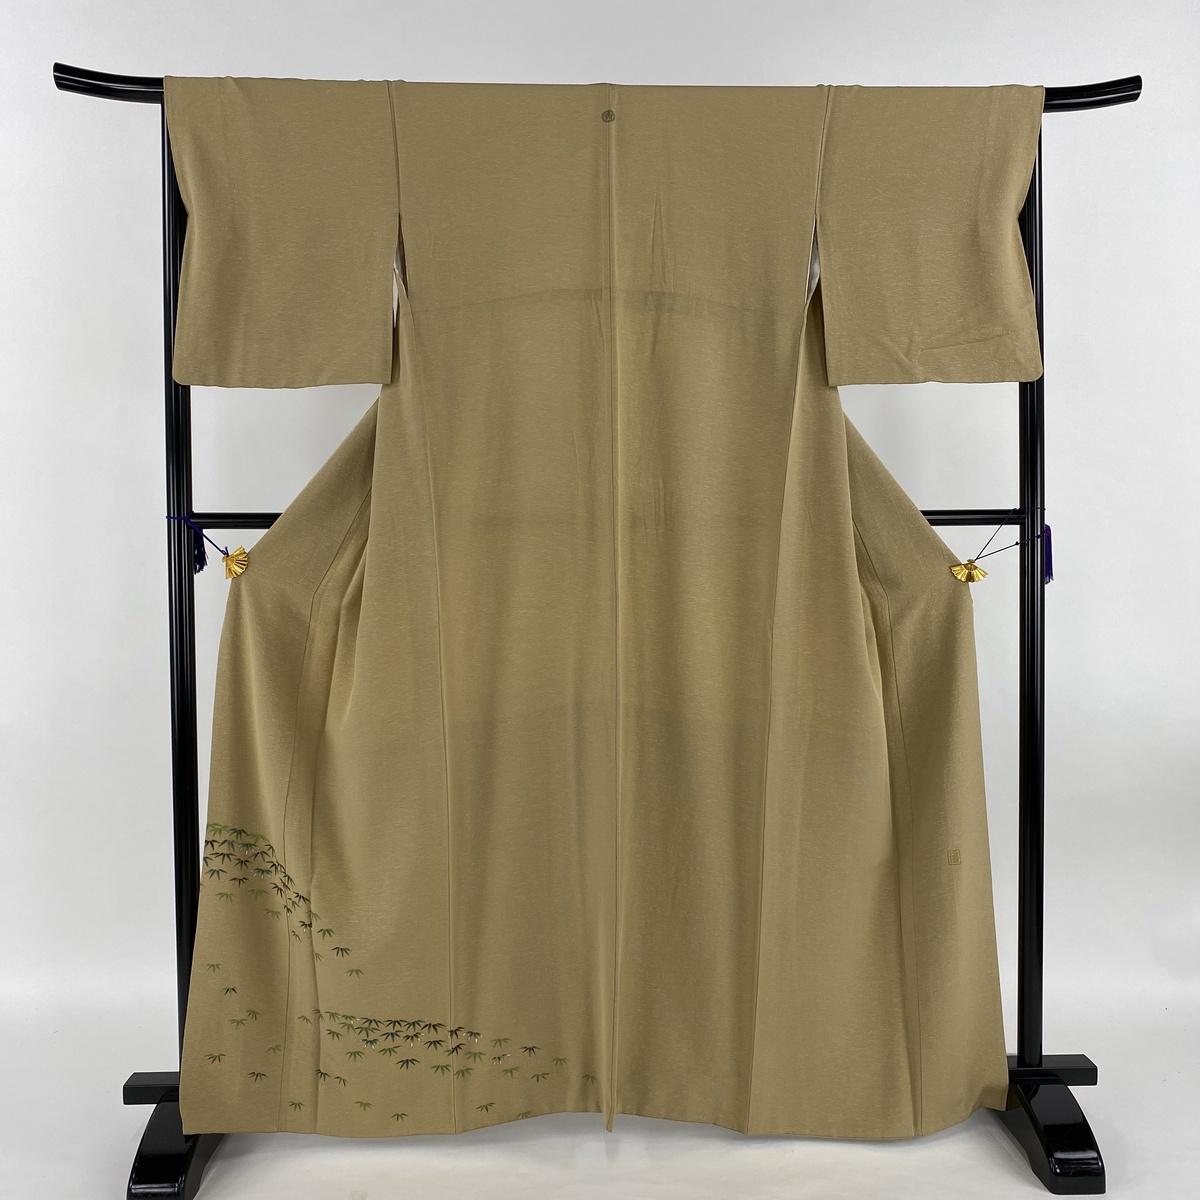 付下げ 名品 落款あり 一つ紋 笹 薄茶色 袷 身丈162.5cm 裄丈67cm M 正絹 【中古】